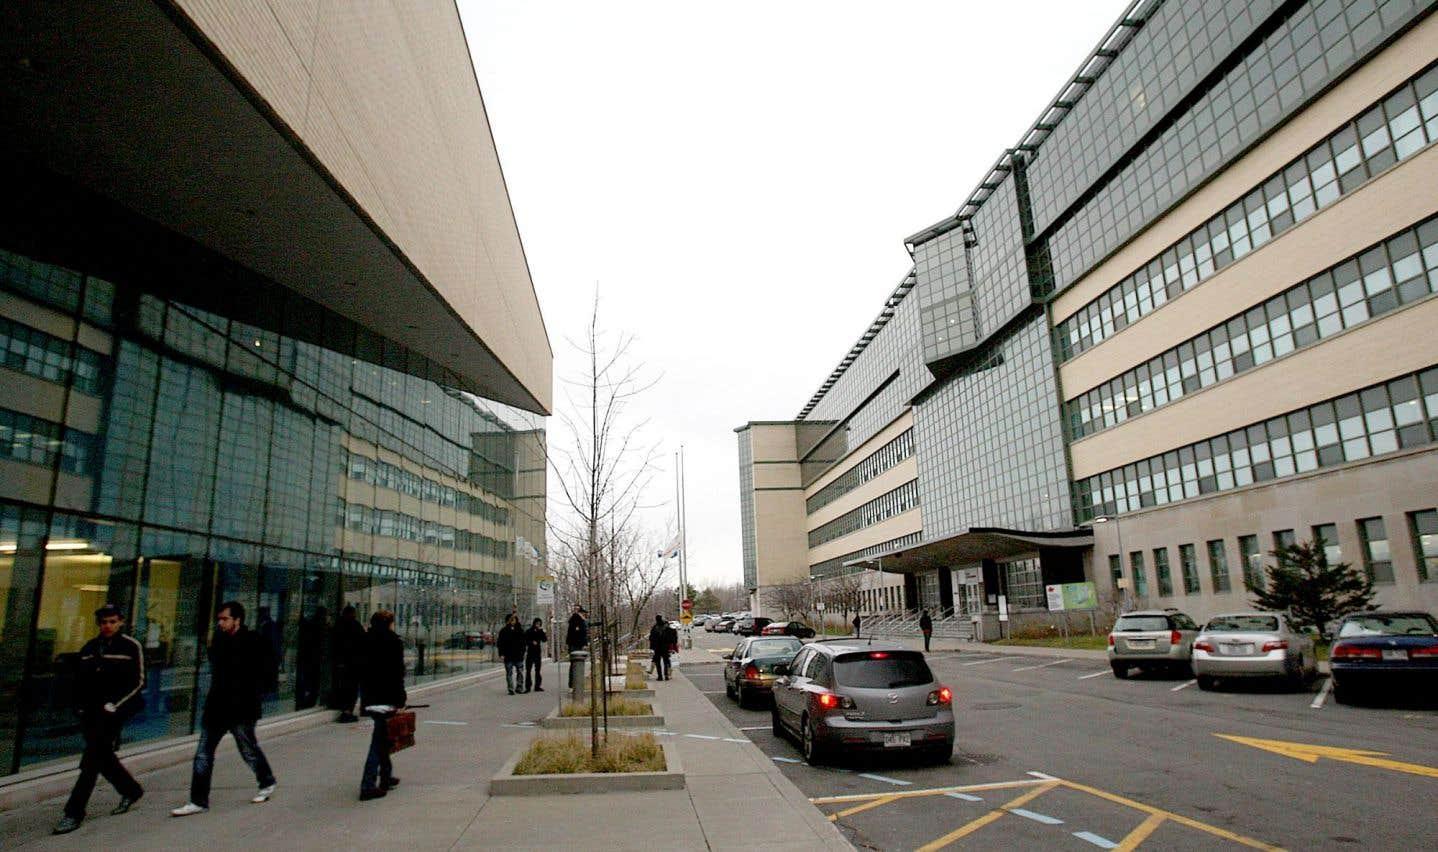 Le risque Total crée de grandes inquiétudes à Polytechnique Montréal